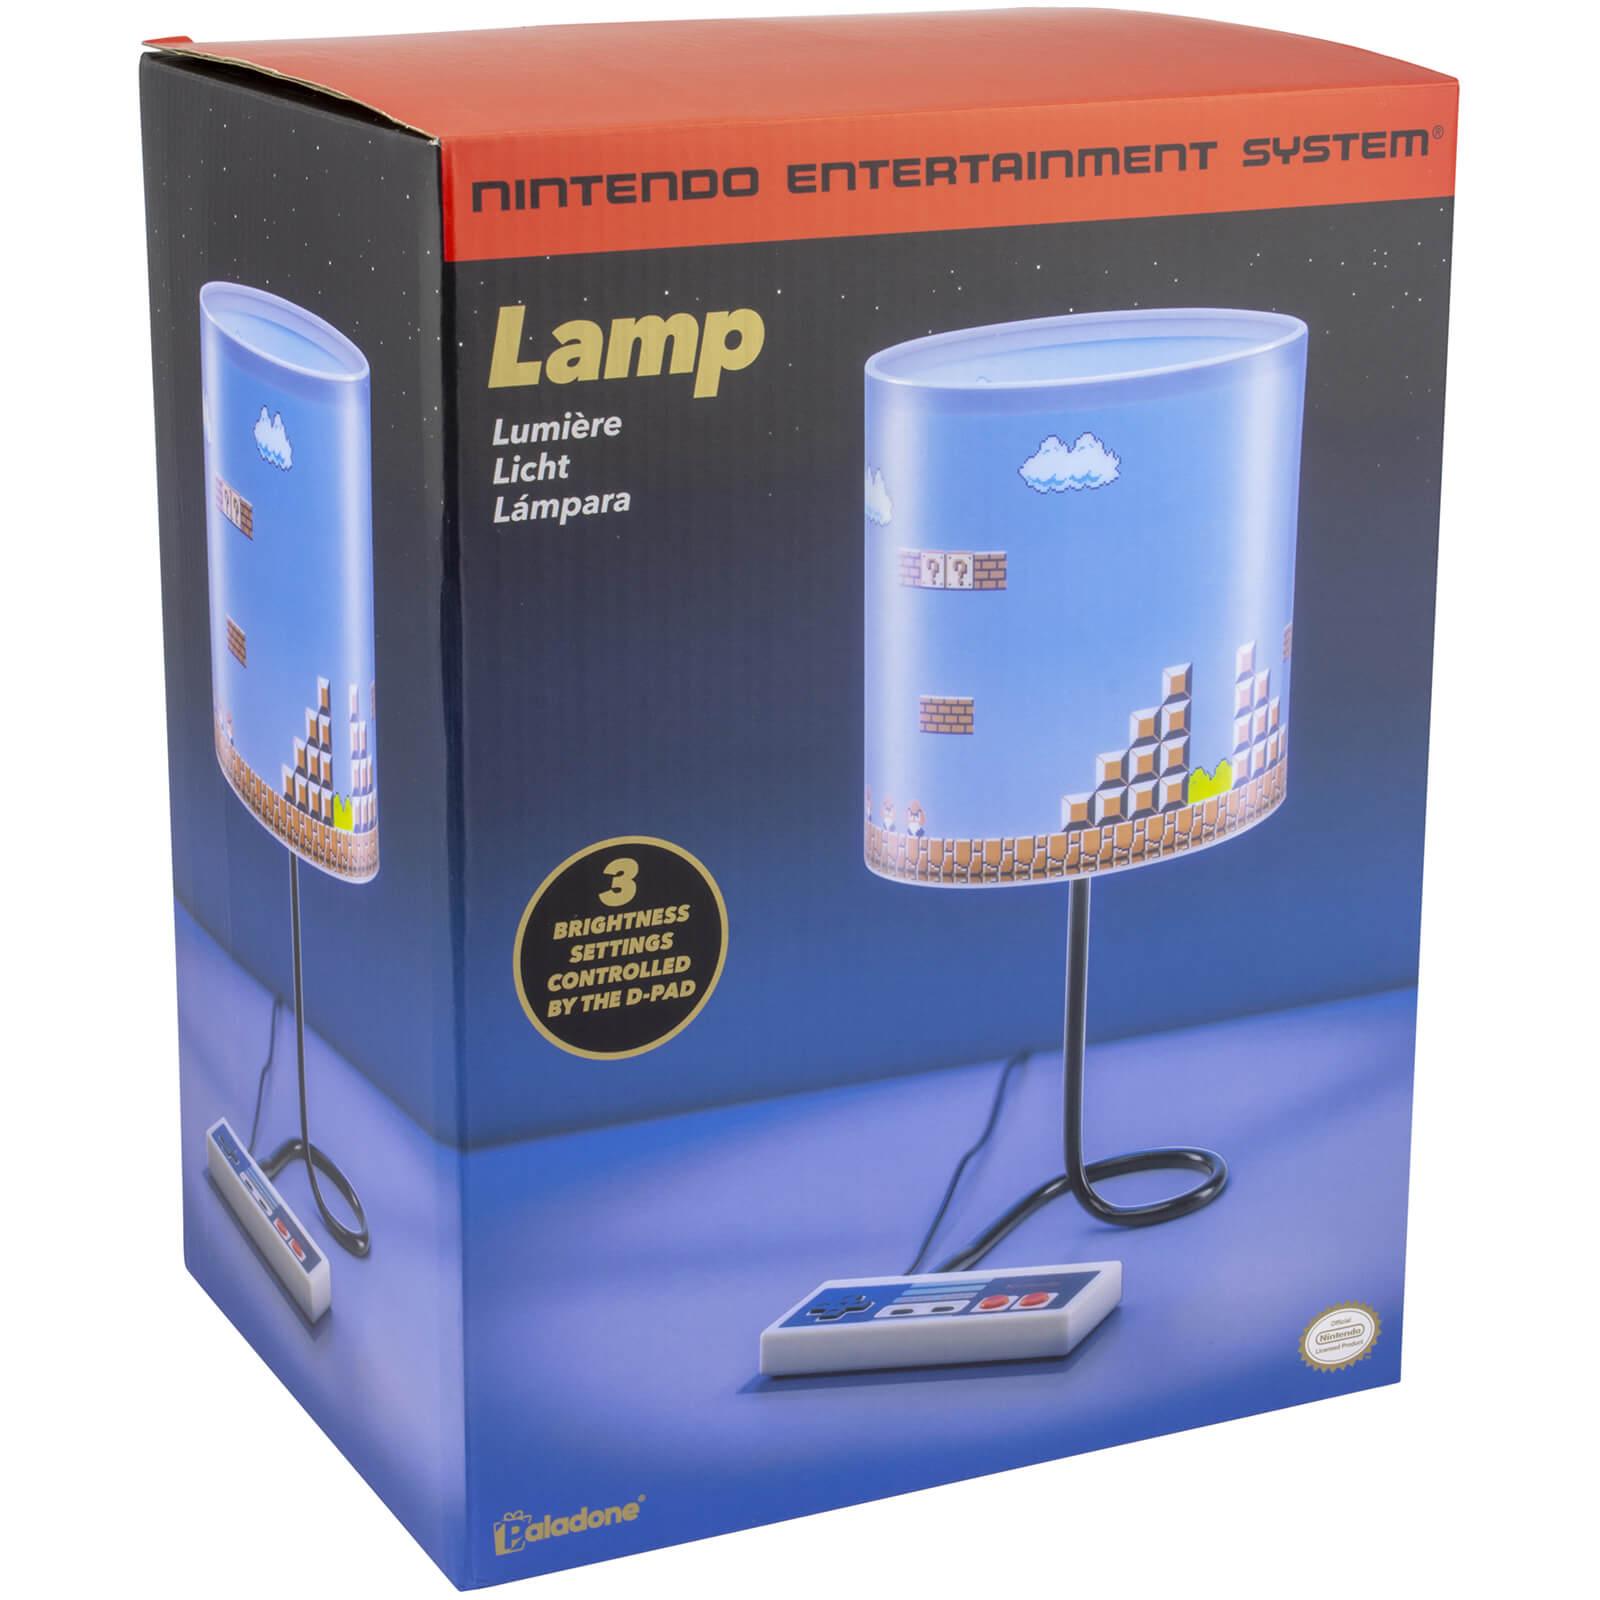 Lámpara-de-ambiente-Nintendo-NES-de-Paladone.jpg